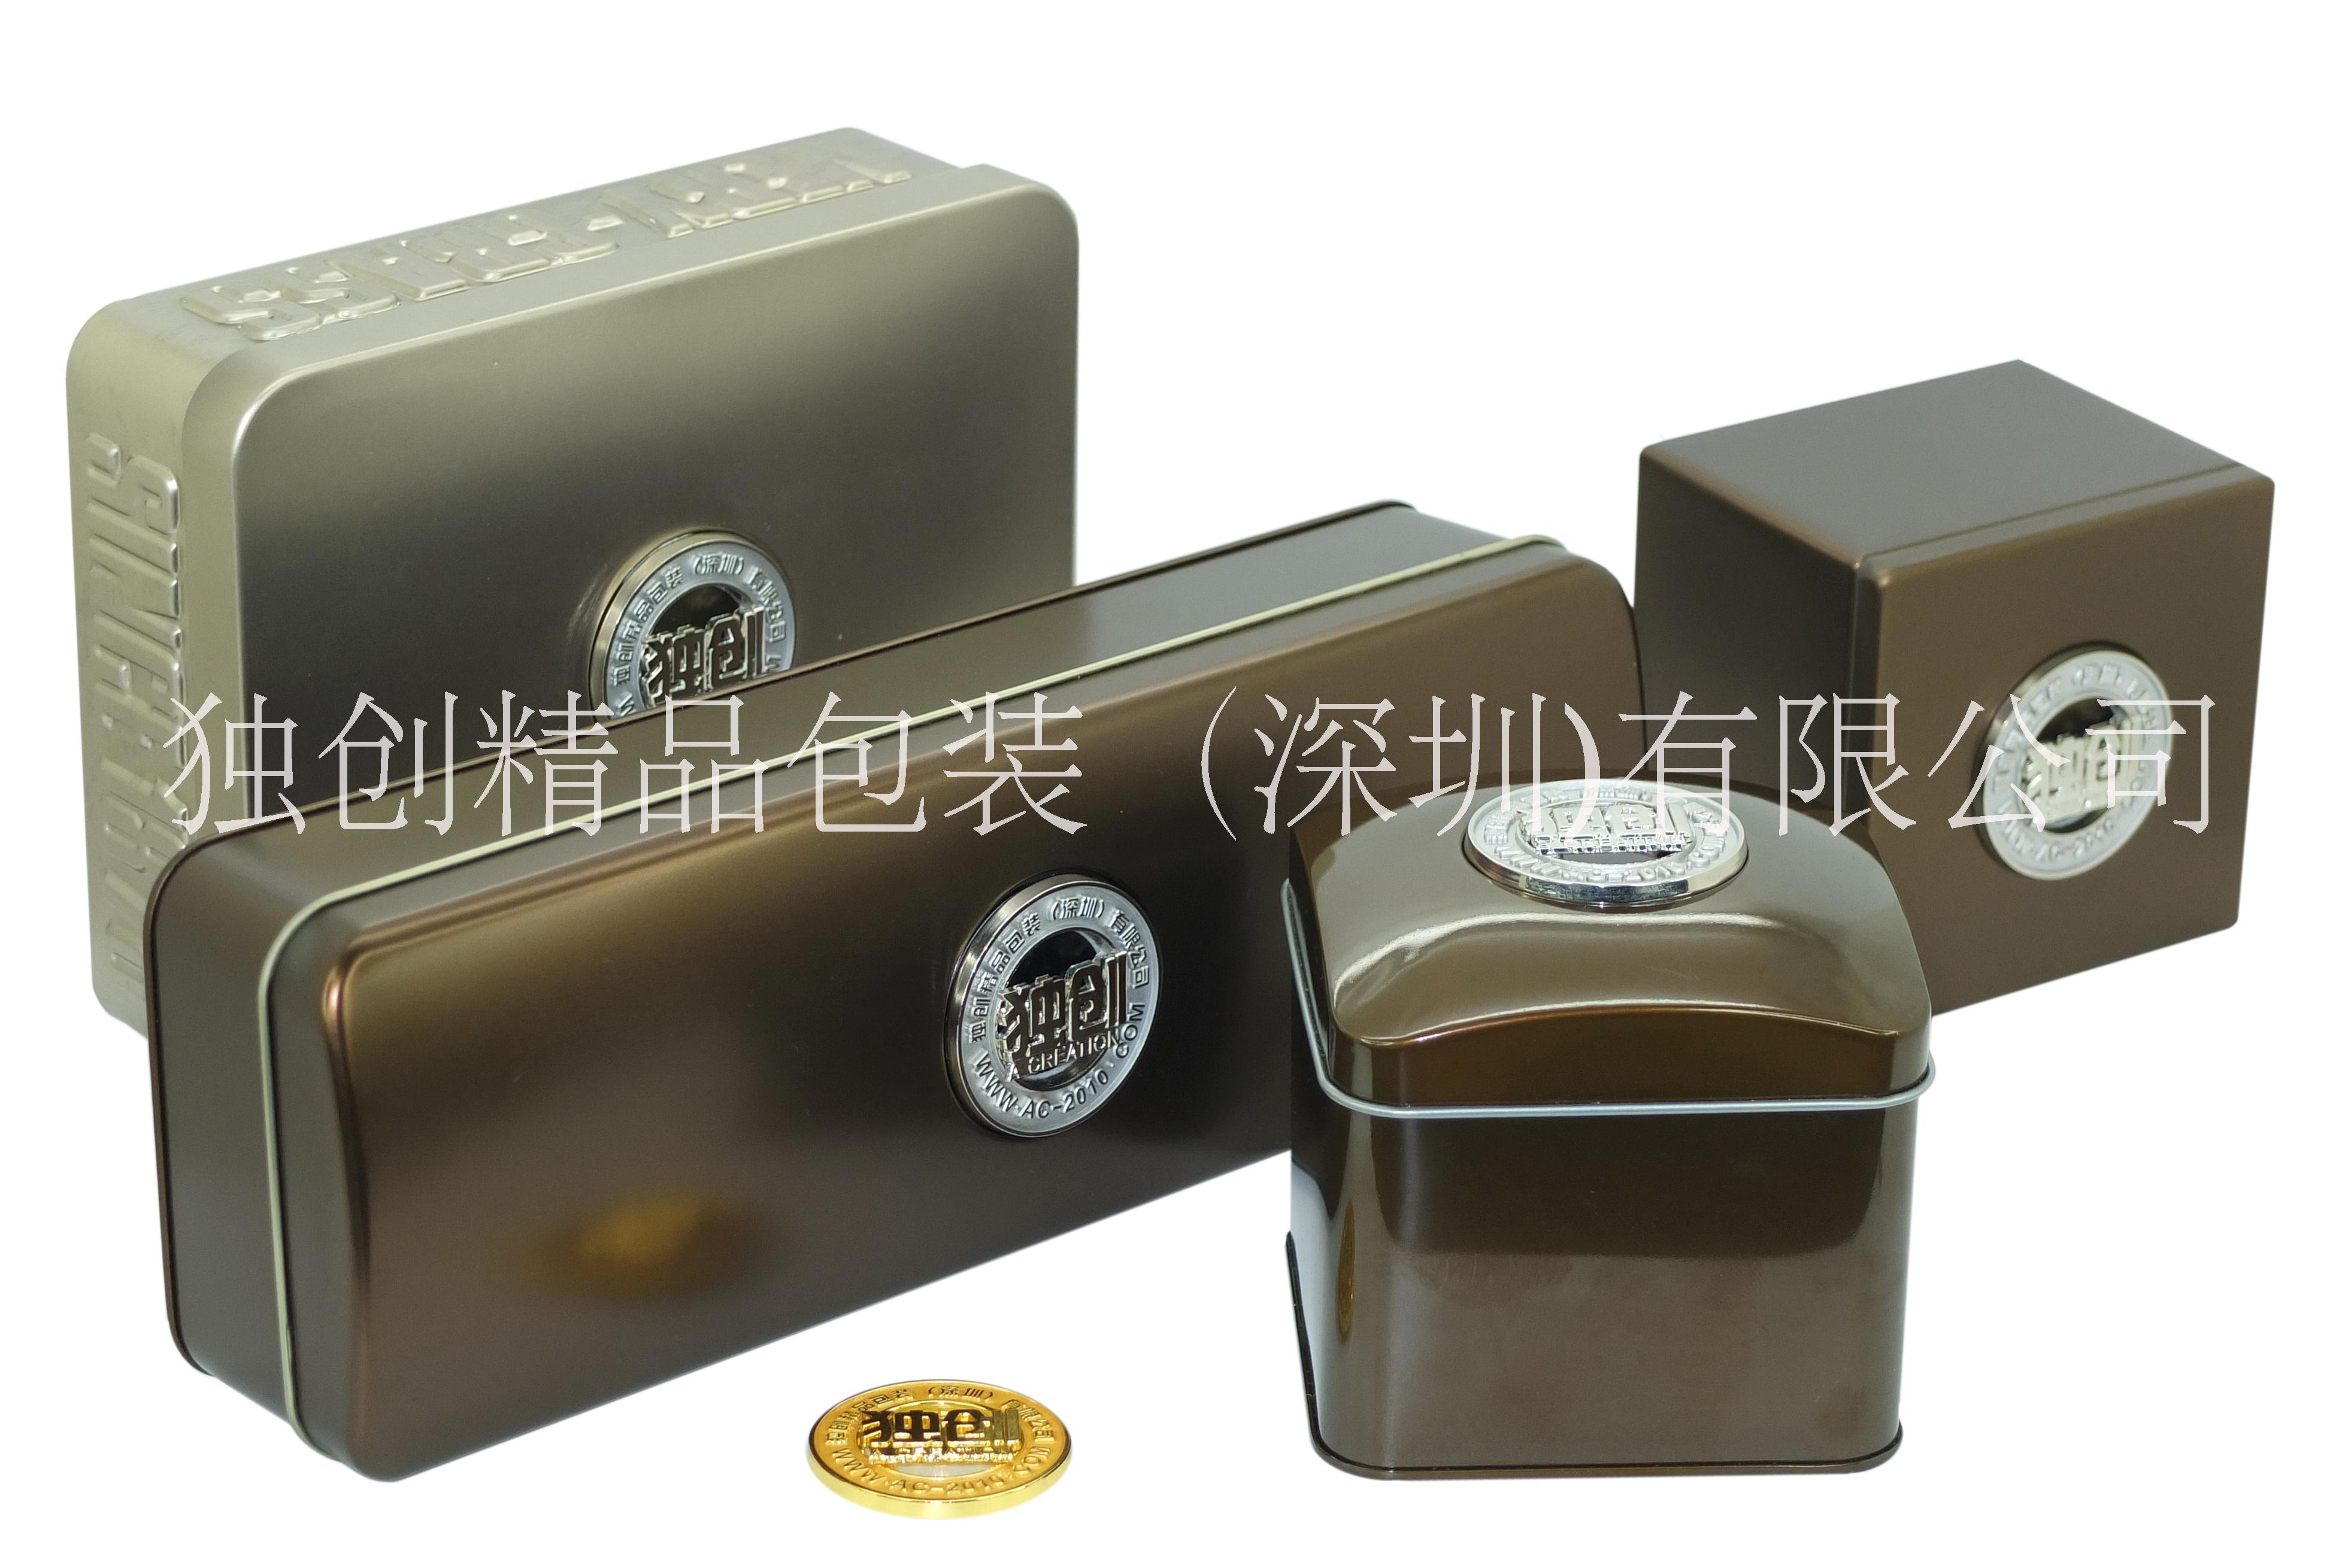 虫草包装铁盒供应,极草铁盒生产厂家,虫草含片铁罐,极草包装